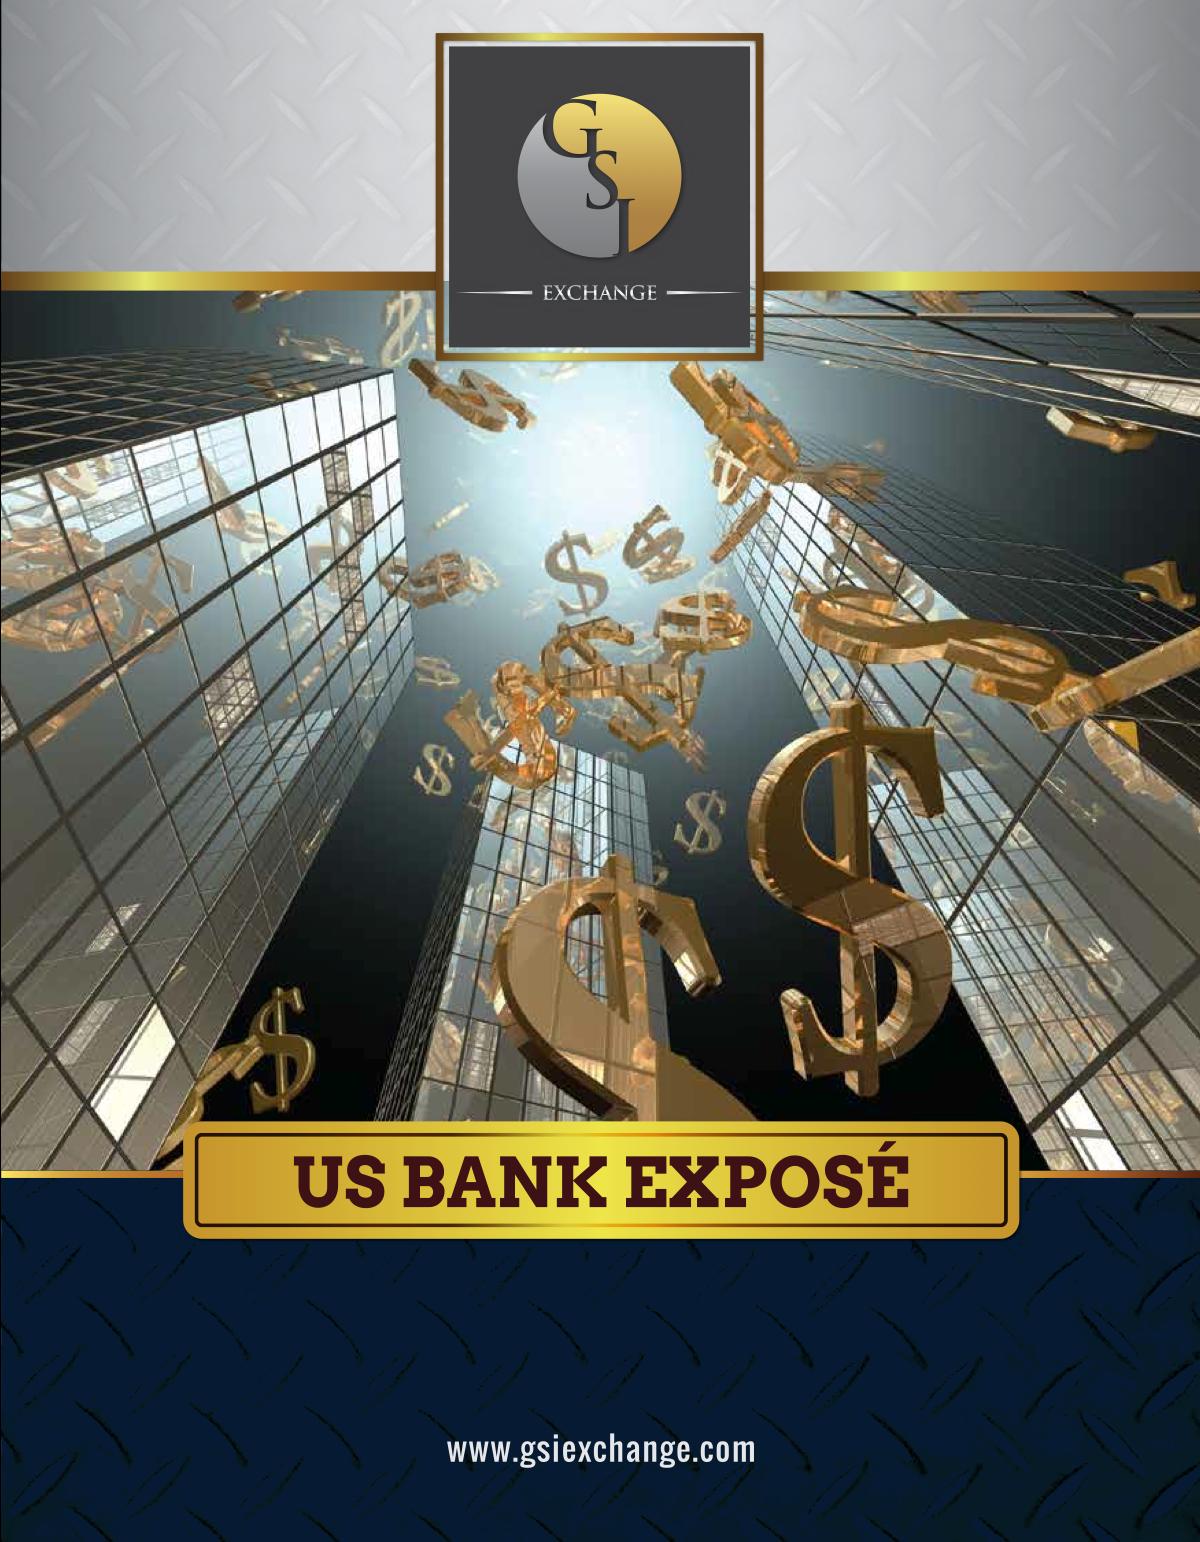 GSI Exchange Special Report: U.S. Bank Exposé